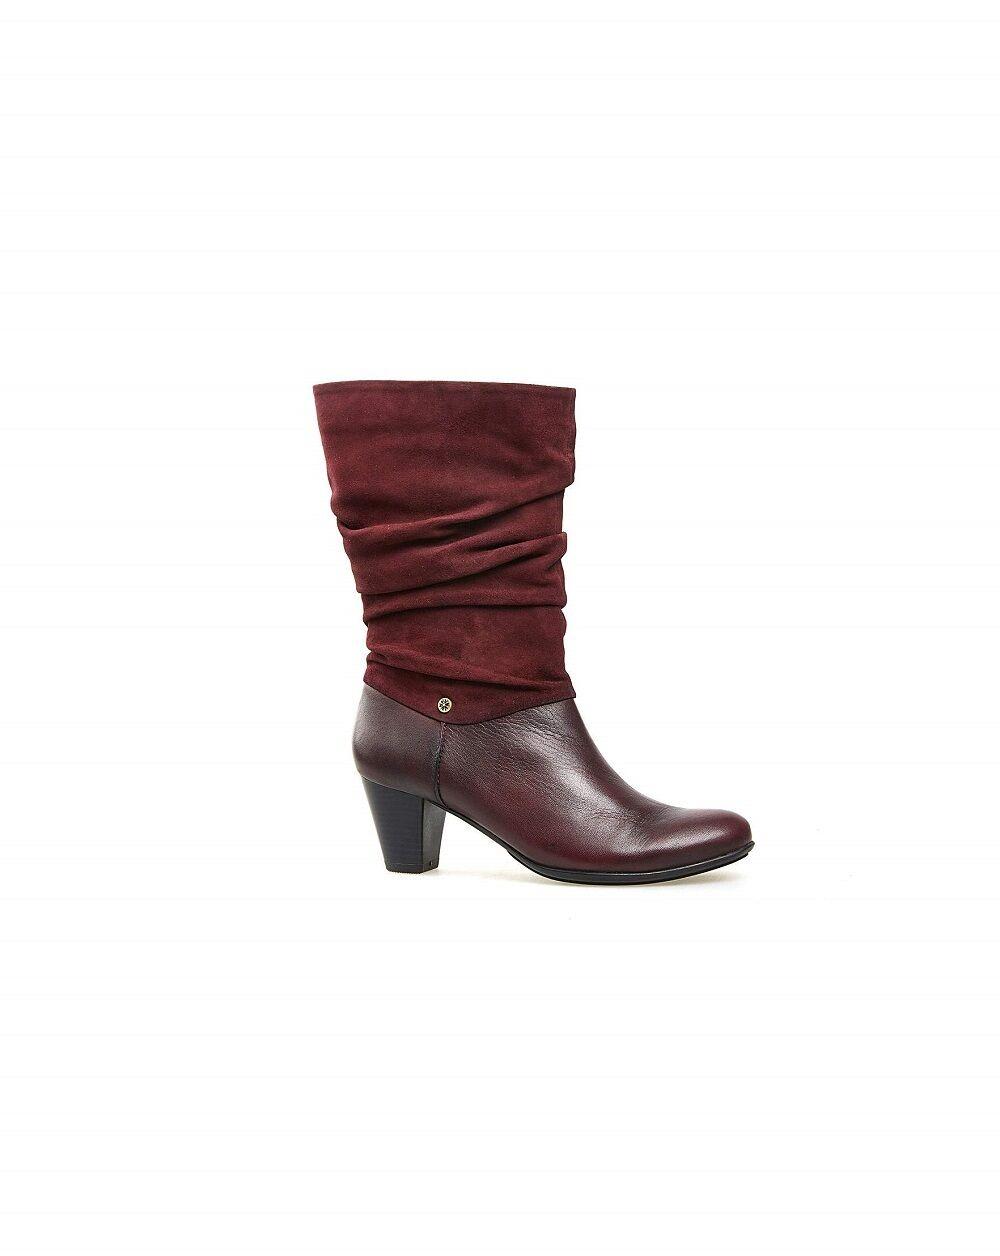 Grandes zapatos con descuento Van Dal Media Caña Botas ' KLINE ' PORT / Rojo Cuero Y ANTE